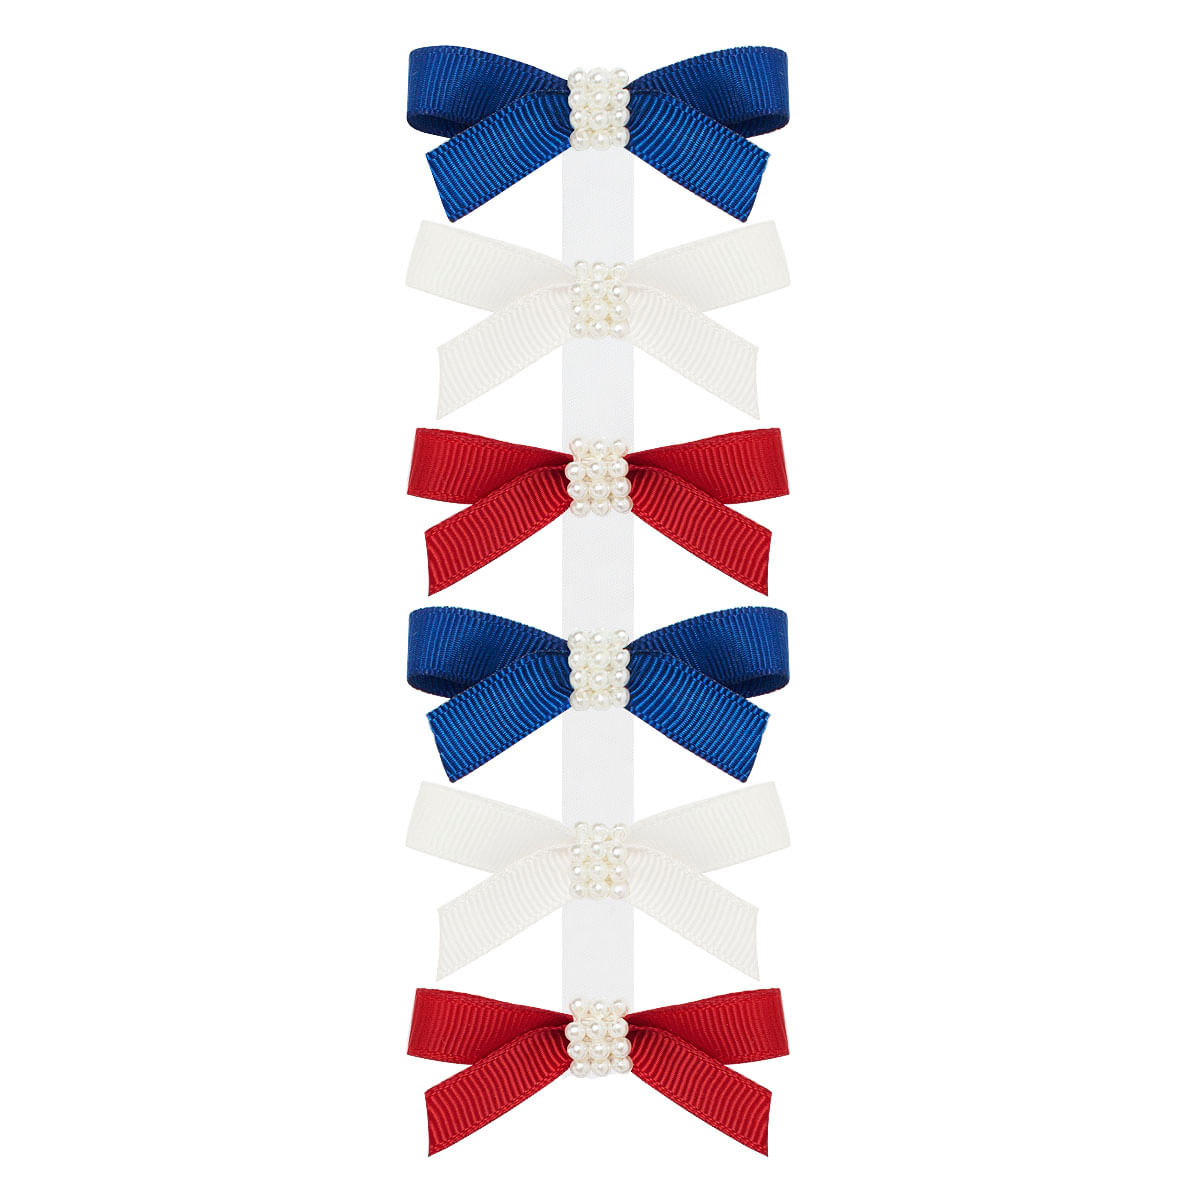 8bc82df80 Kit: 6 Laços c/ Pérolas em gorgurão Marinho/Marfim/Vermelho- Roana no bebefacil  loja de roupas enxoval e acessorios para bebes - bebefacil